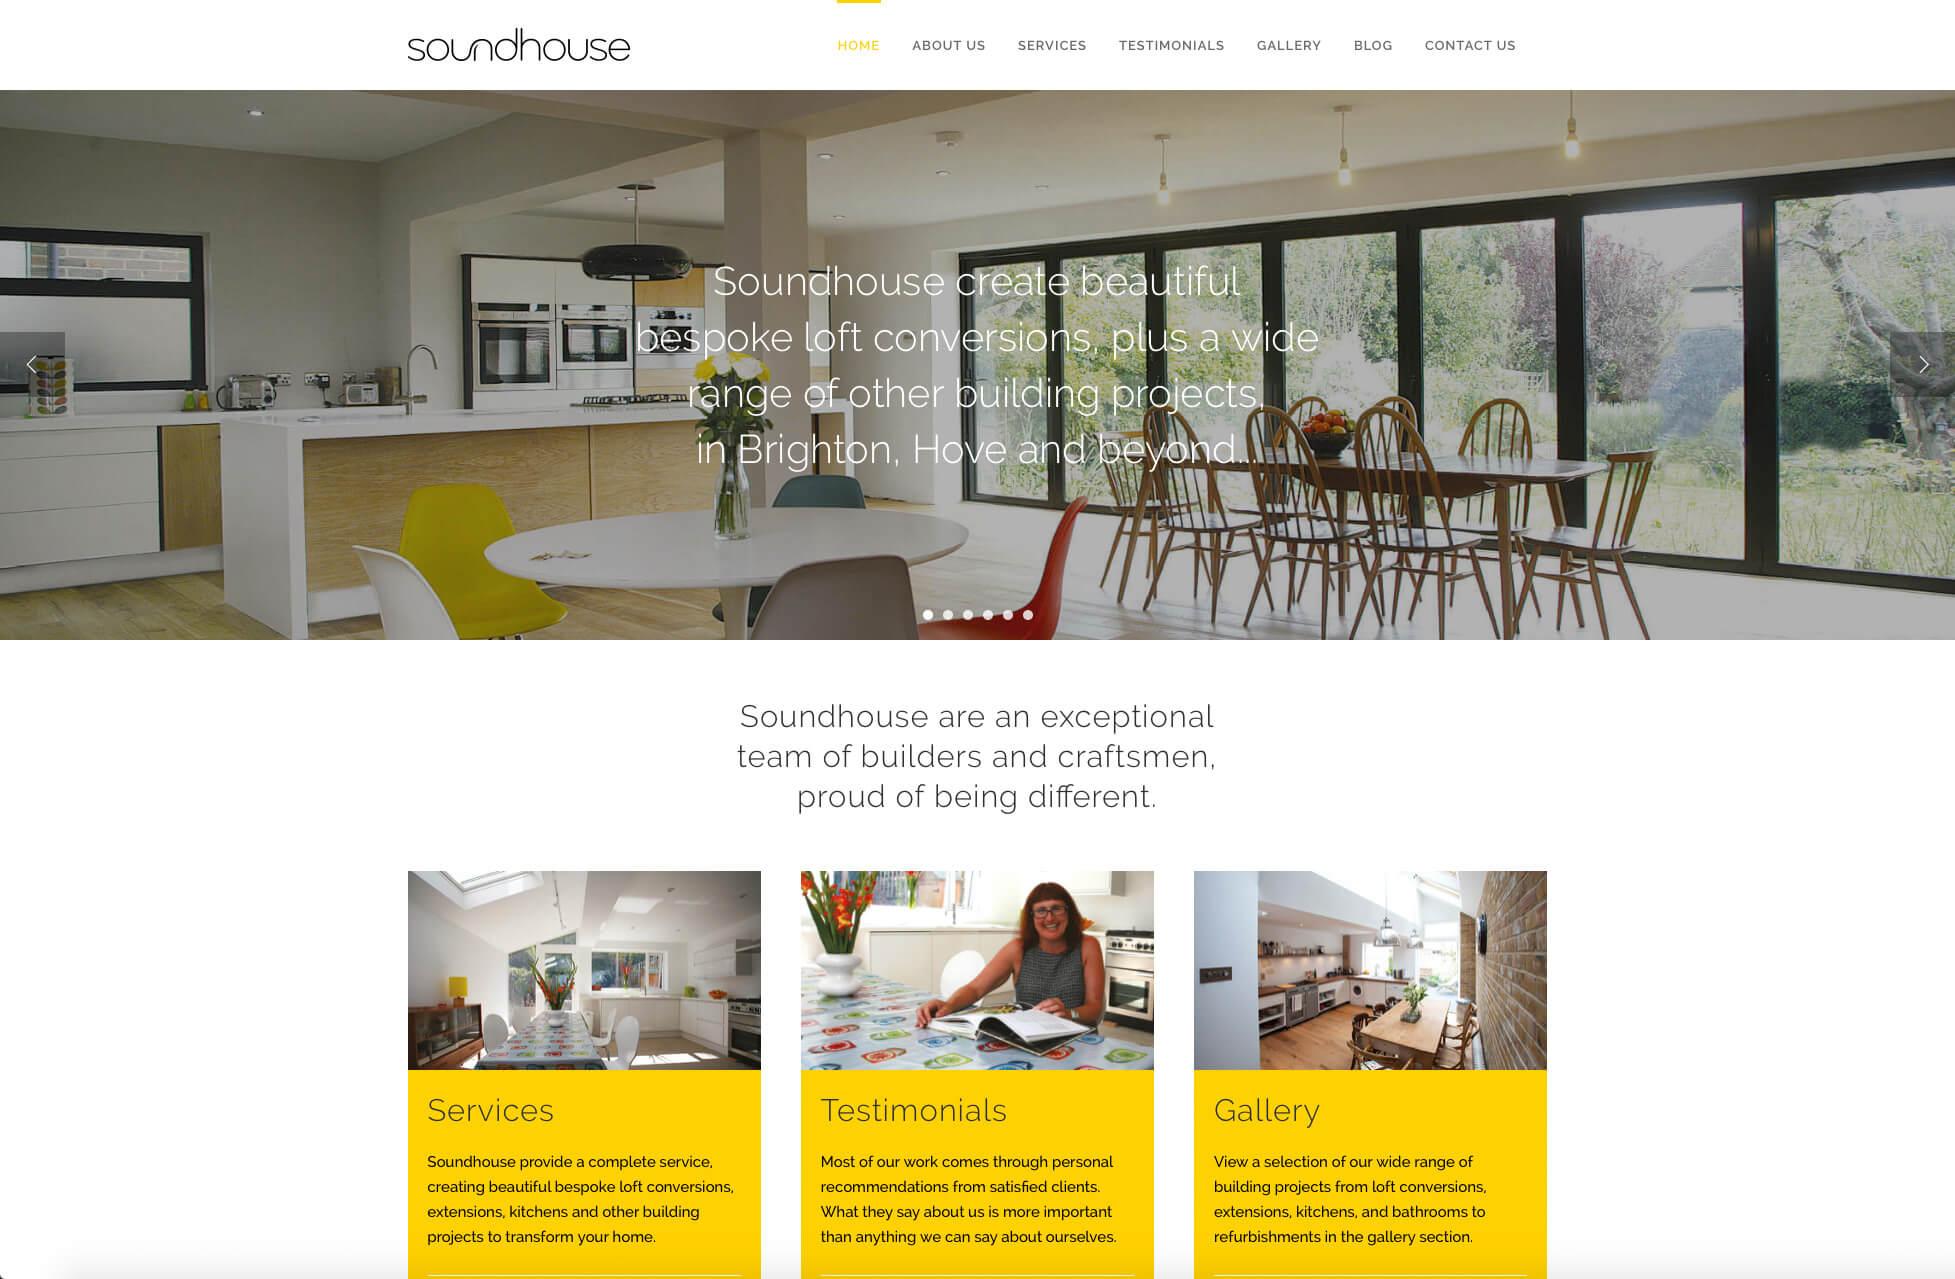 Soundhouse Loft Conversions website design